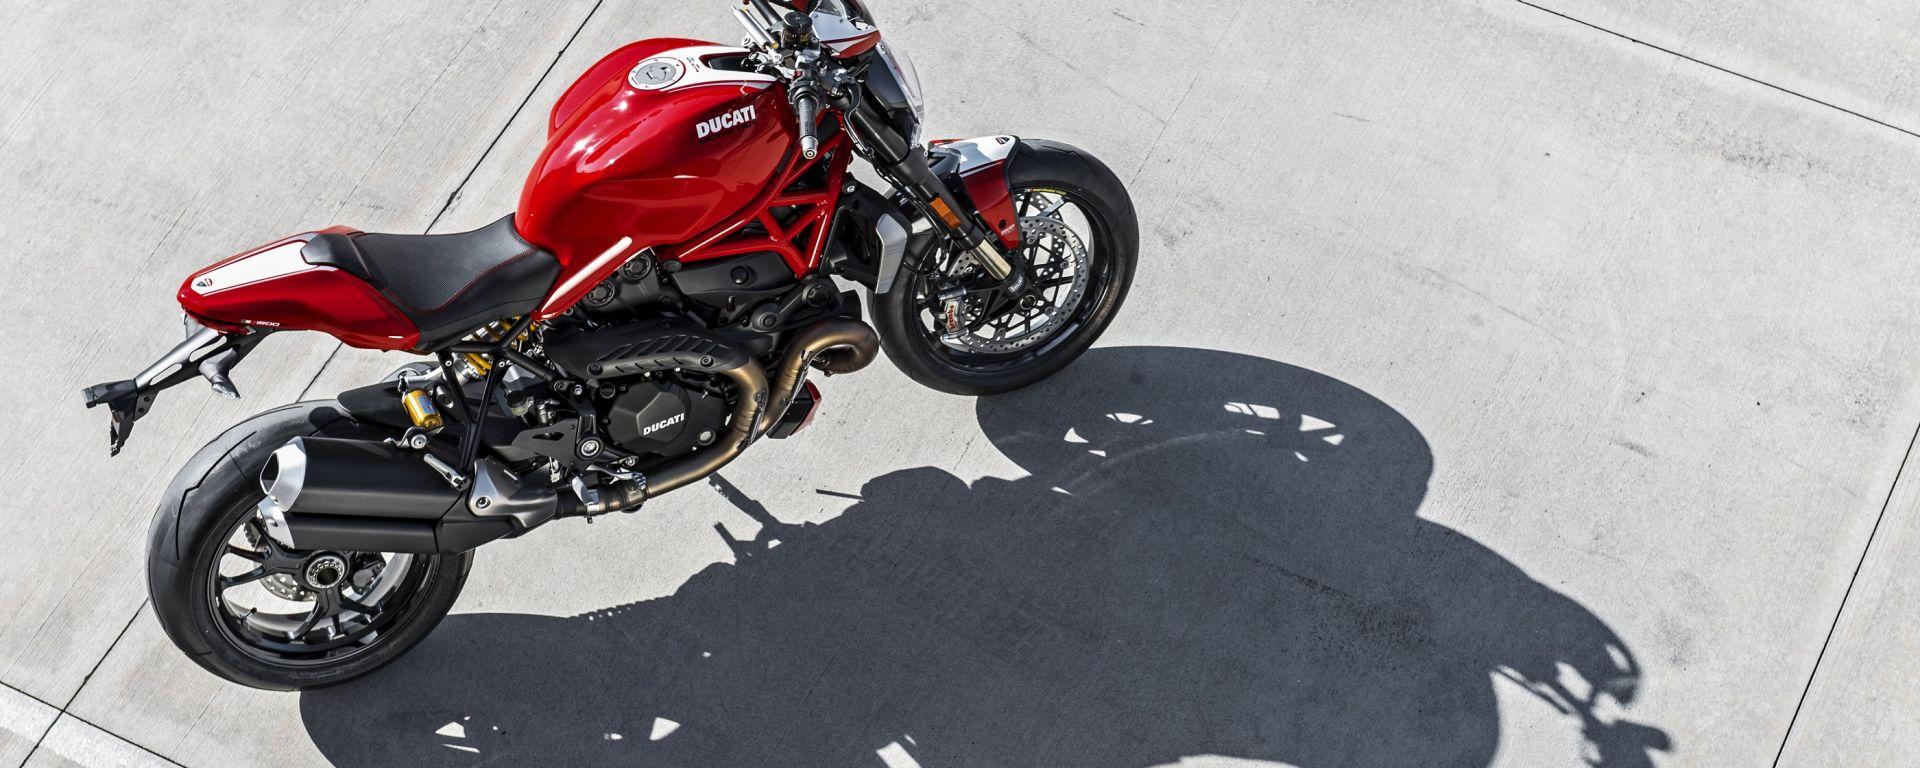 Ducati Monster 1200 R: info e foto ufficiali